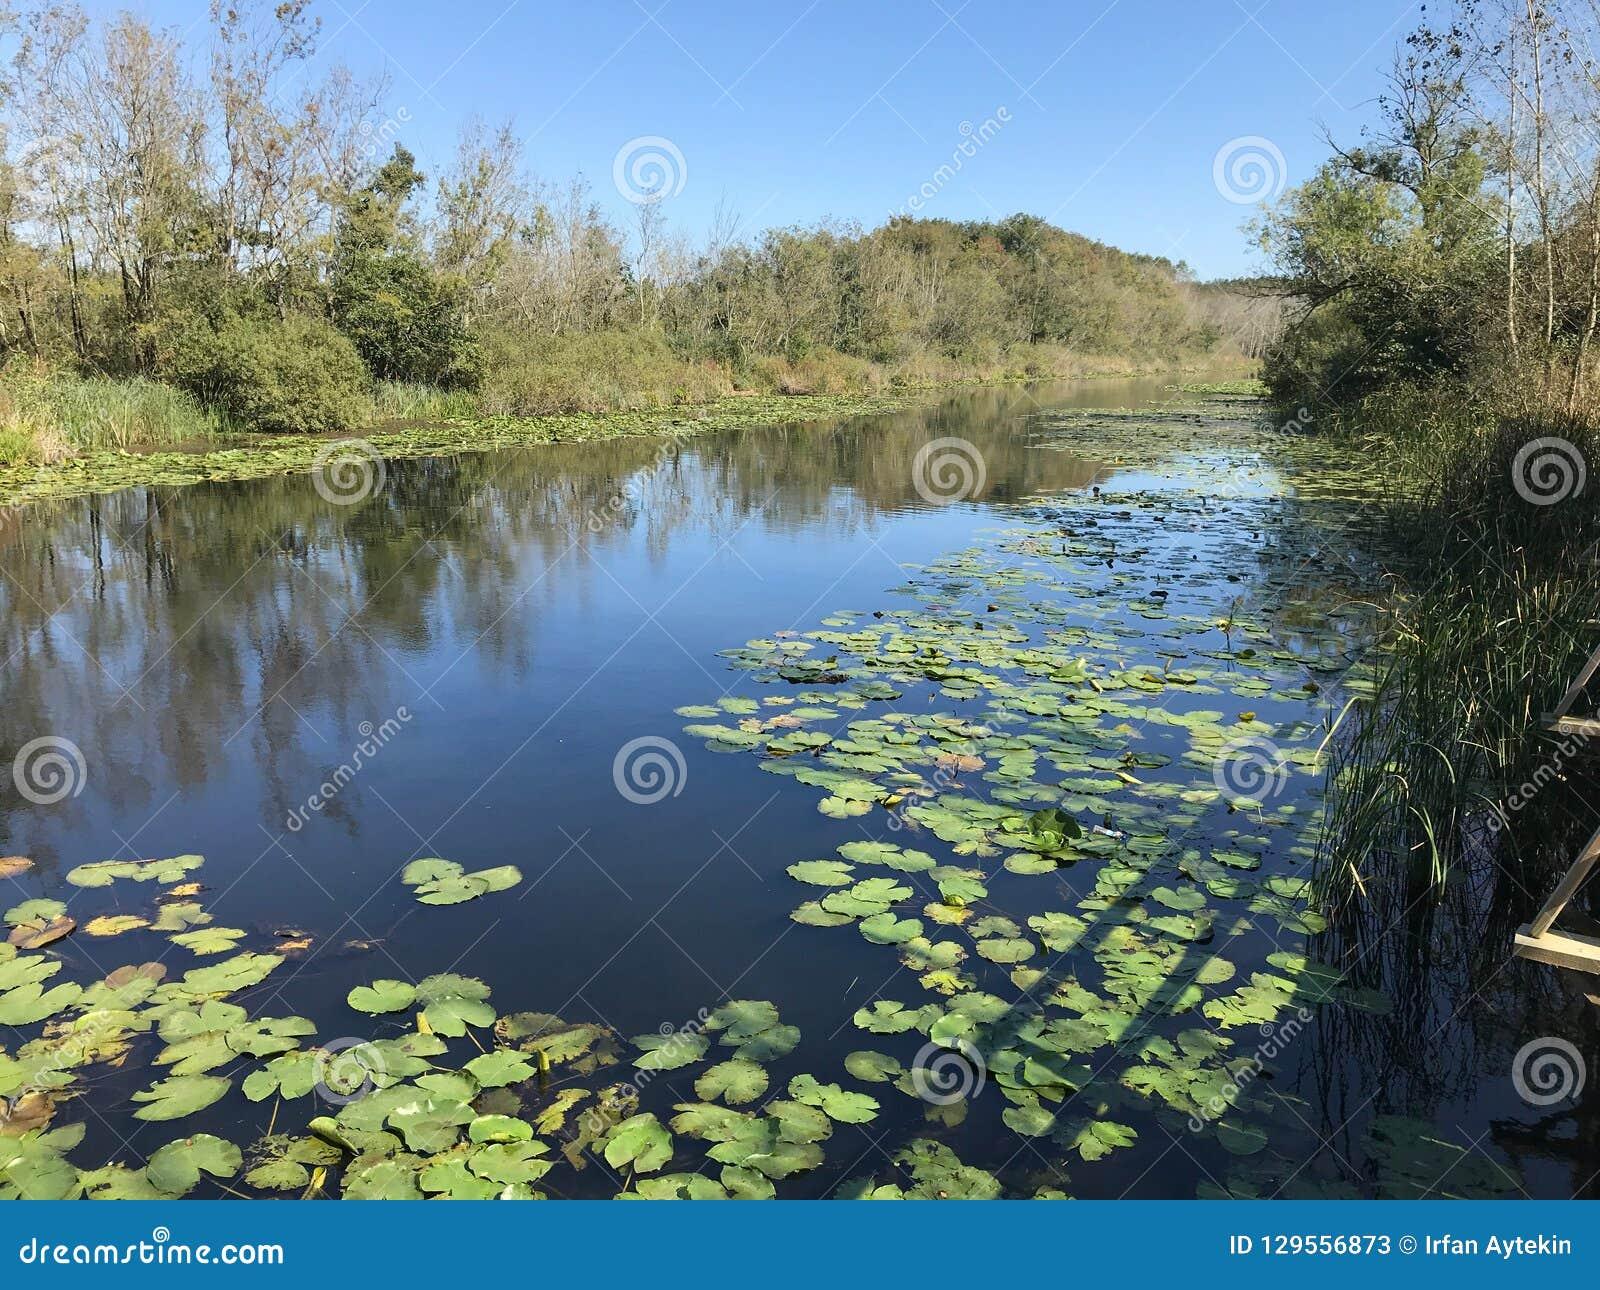 EN OCTUBRE DE 2018, el bosque de agua dulce en segundo lugar más grande del pantano de Turquía: Acarlar en Sakarya, Turquía